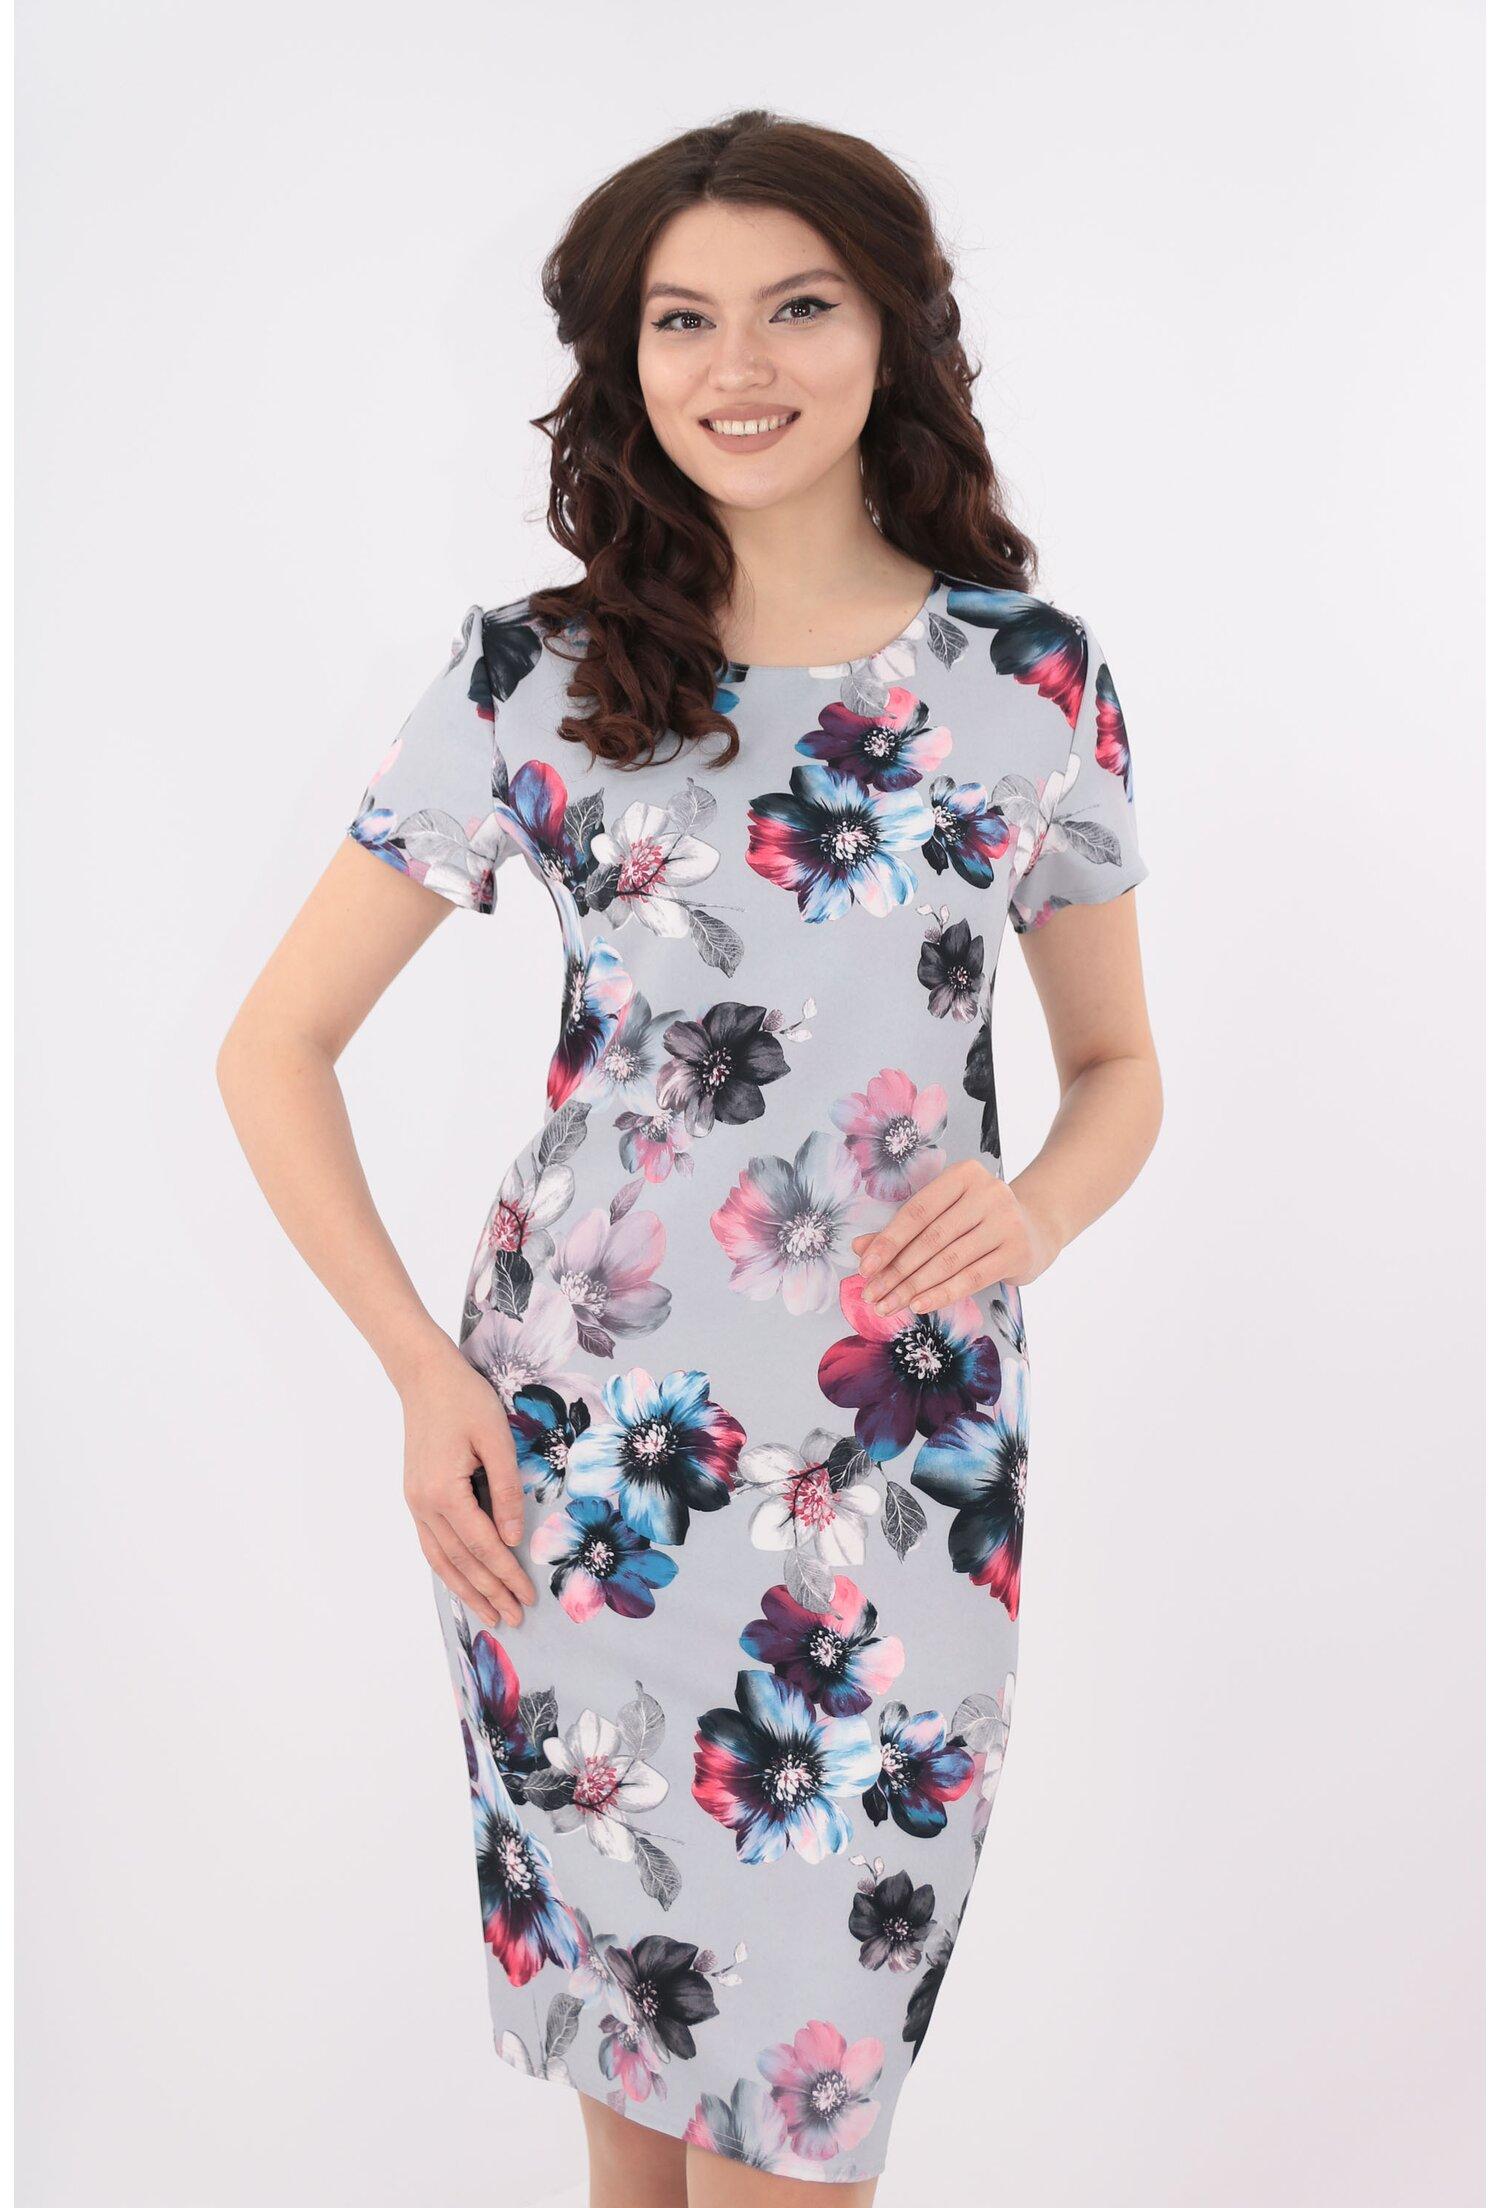 Rochie dreapta gri cu print floral roz-albastru